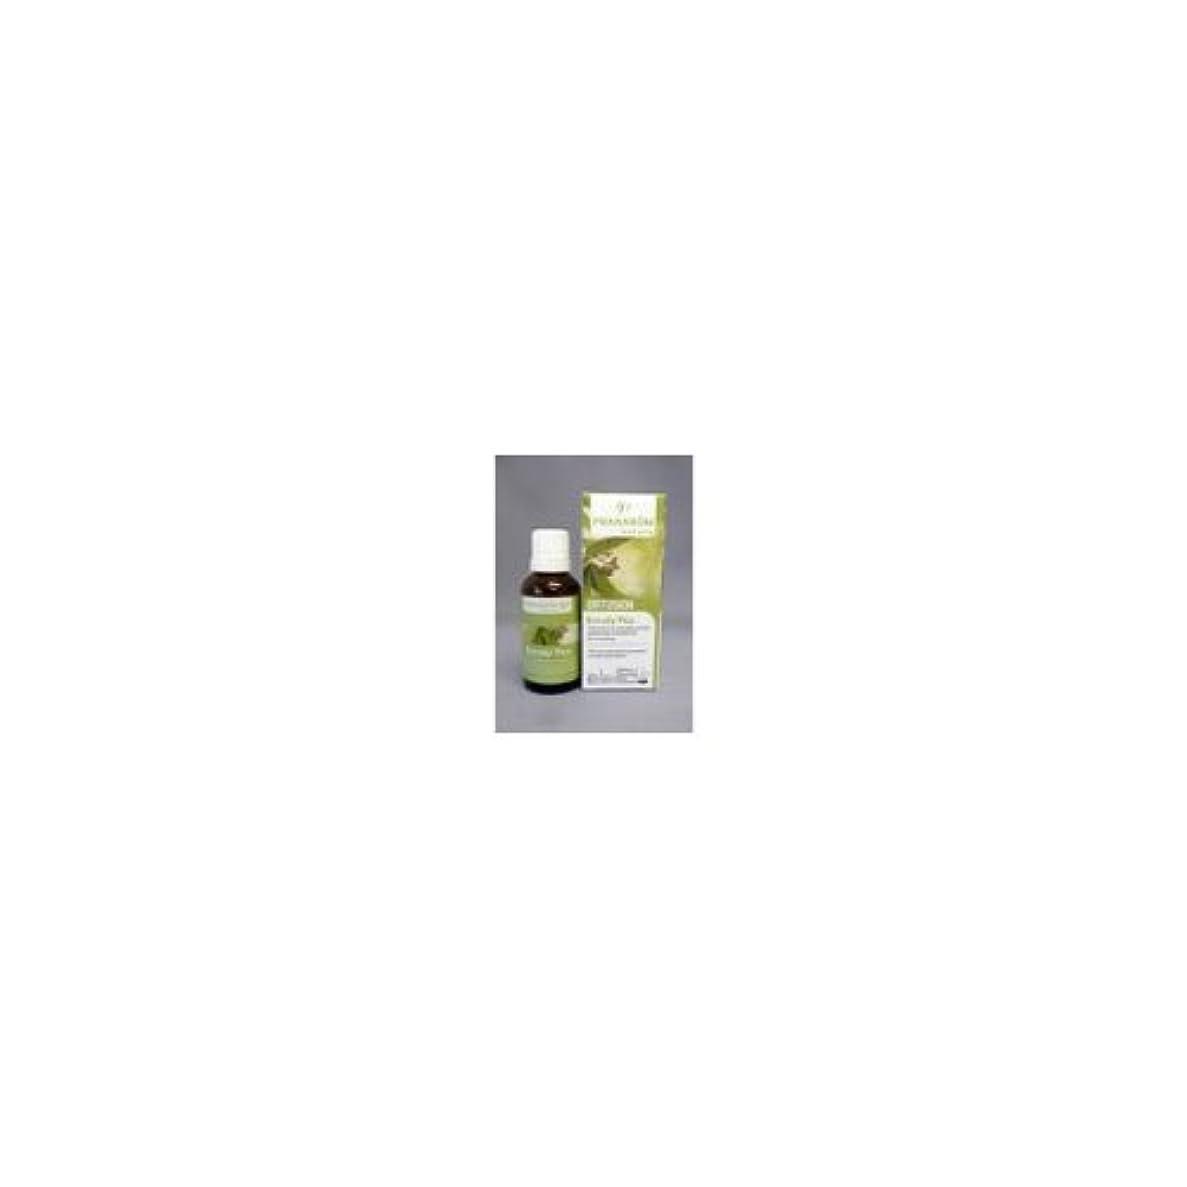 好きゲートウェイ非難する胸一杯のフレッシュエア ユーカリプラス(30mg)/プラナロム社のエアフレッシュナー